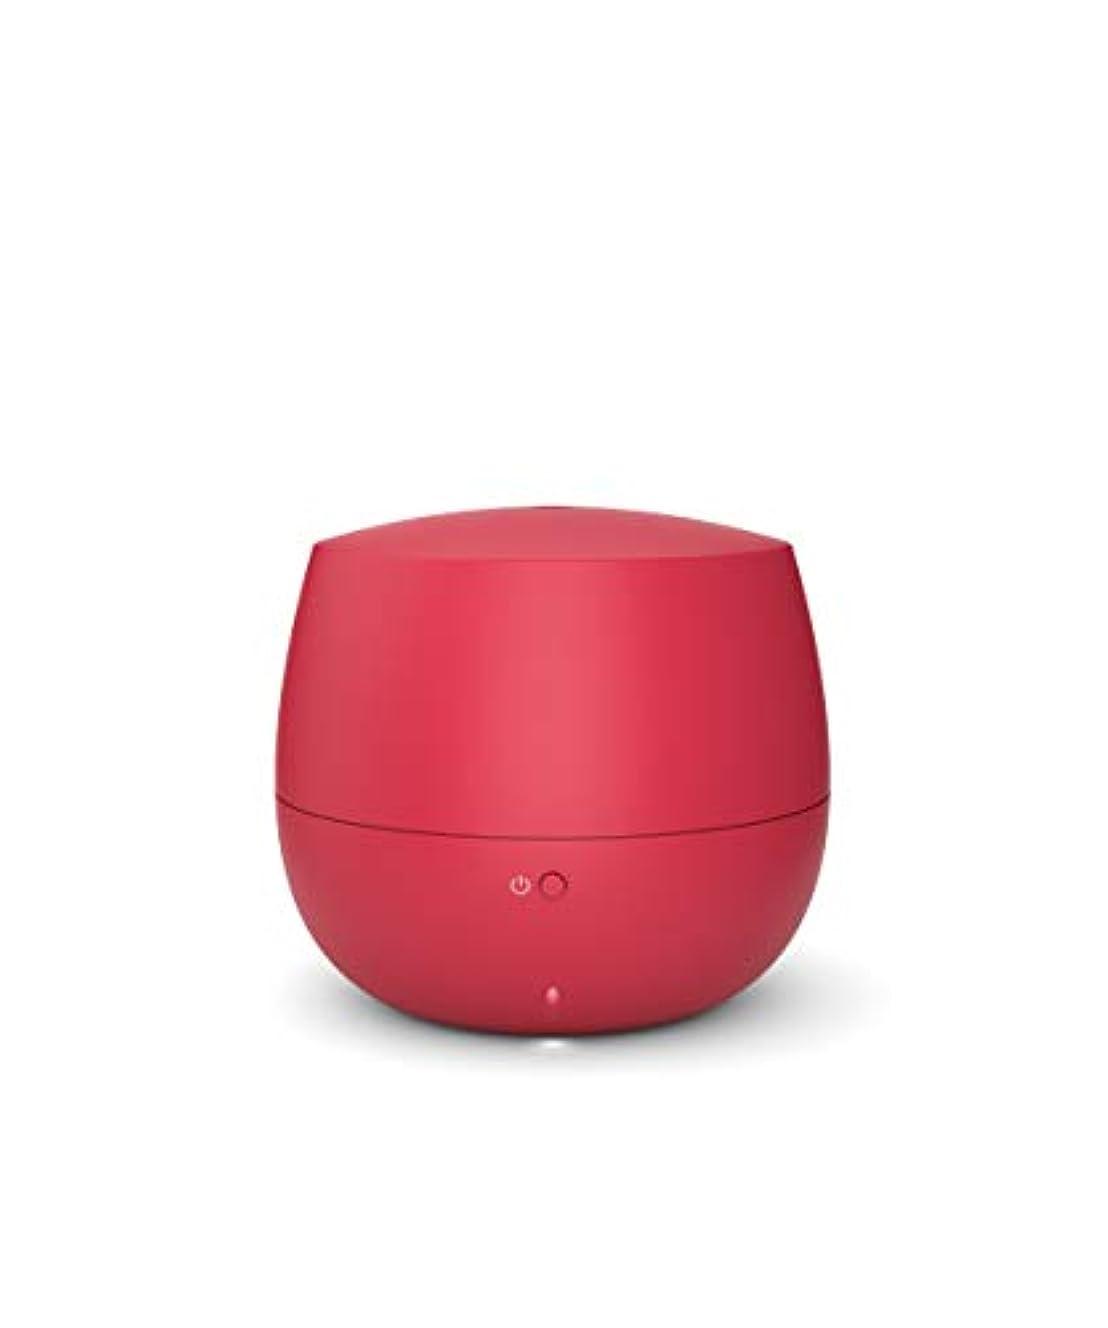 進化ゴミバイオレットMia アロマディフューザー レッド Stadler Form スタドラフォーム Mia Aroma Diffuser Red 超音波式 ンテリア コンパクト ギフト プレゼント